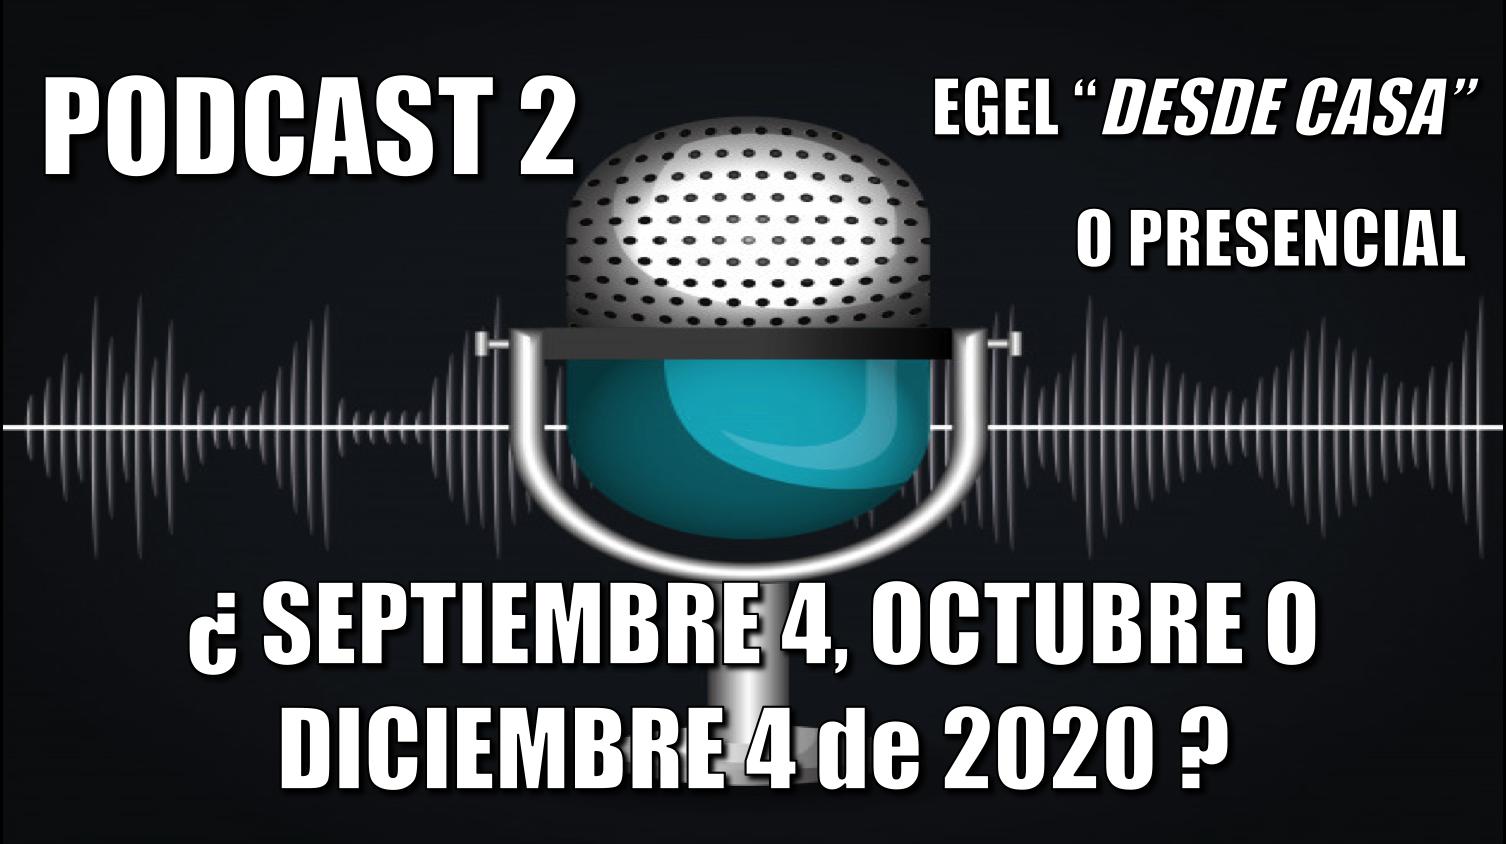 podcast2-pixioguias-egel-desde-casa